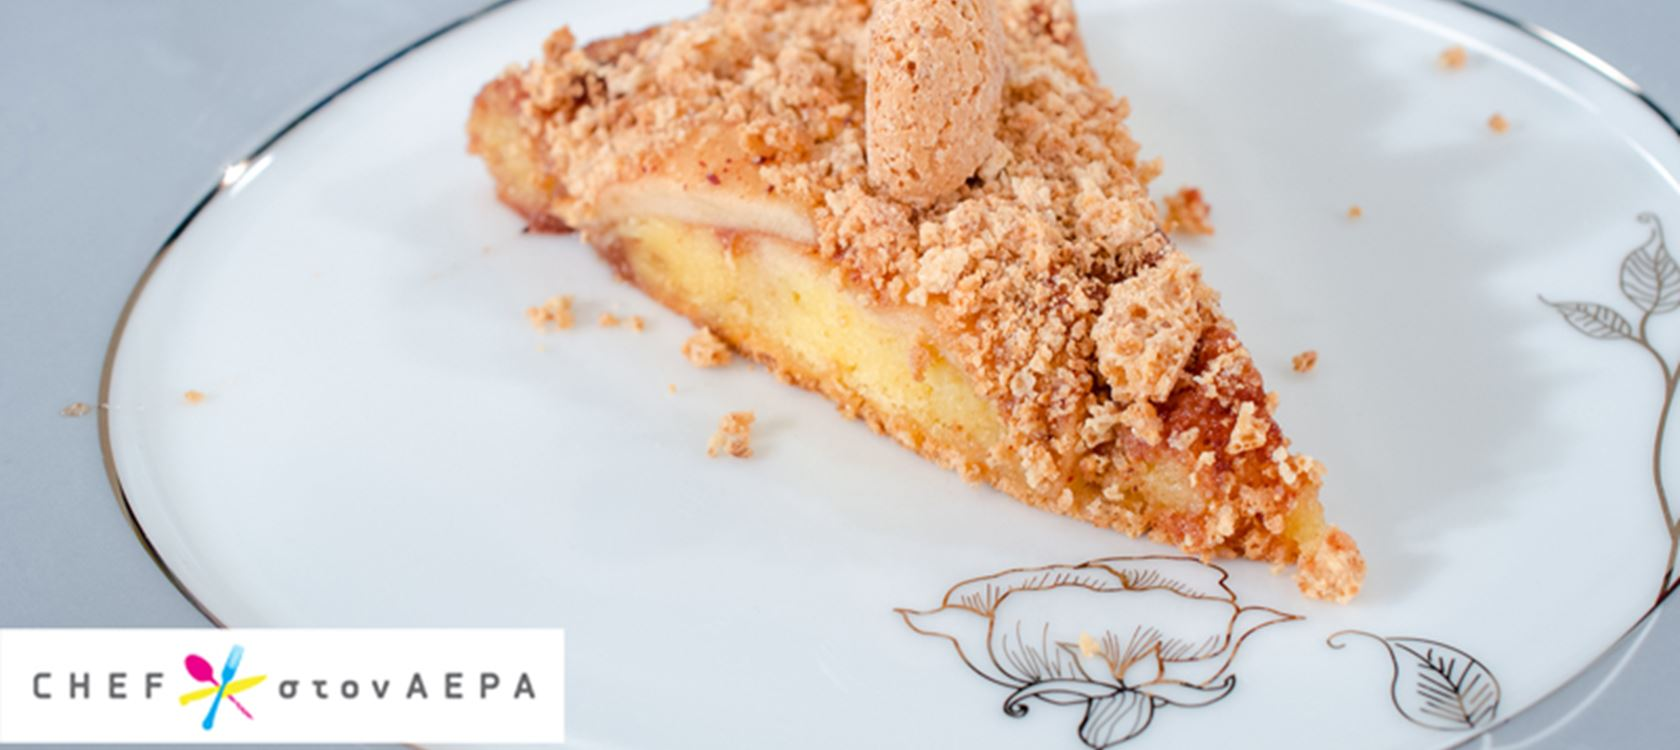 Ξινομηλόπιτα (Torta Di Mele)